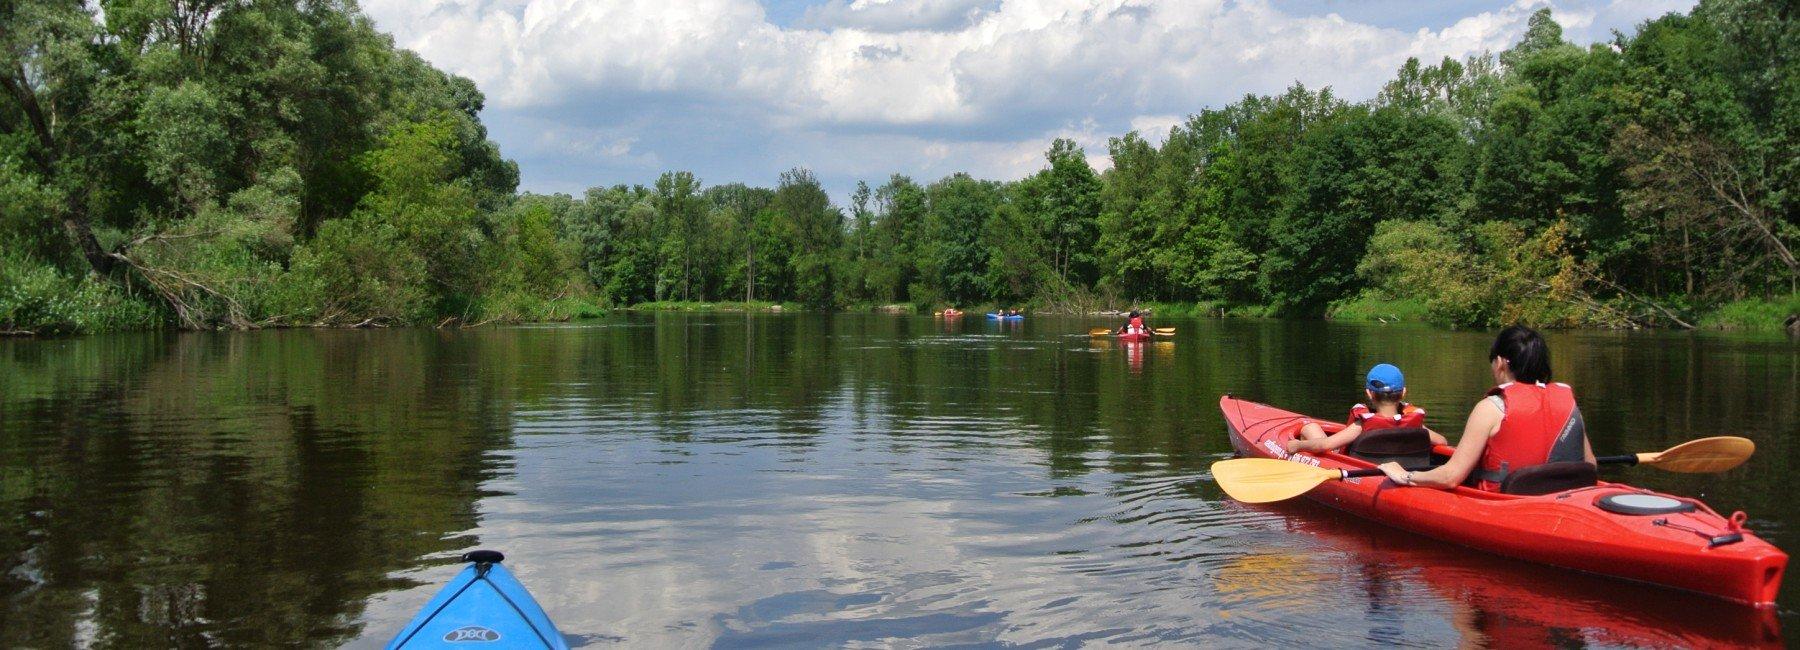 Spływy kajakowe Bugiem, Włodawką, Krzną, Zielawą, Wieprzem.